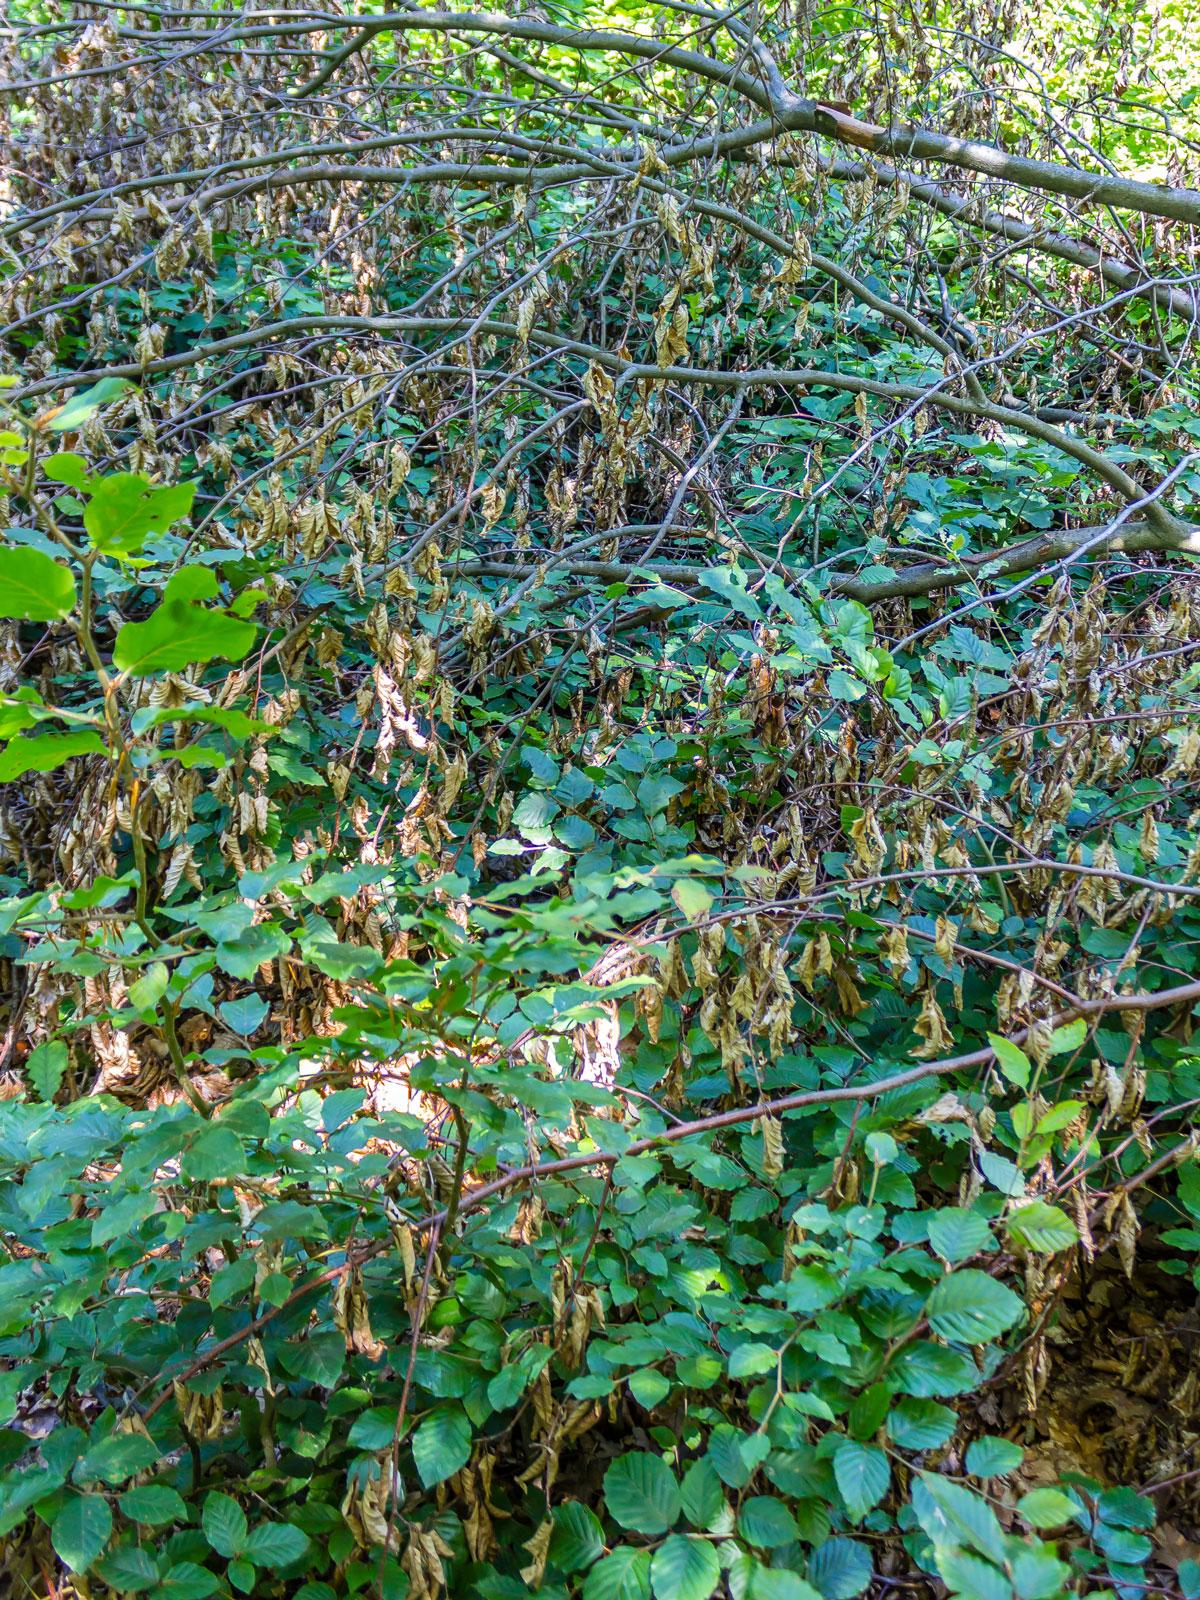 junge Buchen wachsen zwischen Kronenbiotopholz